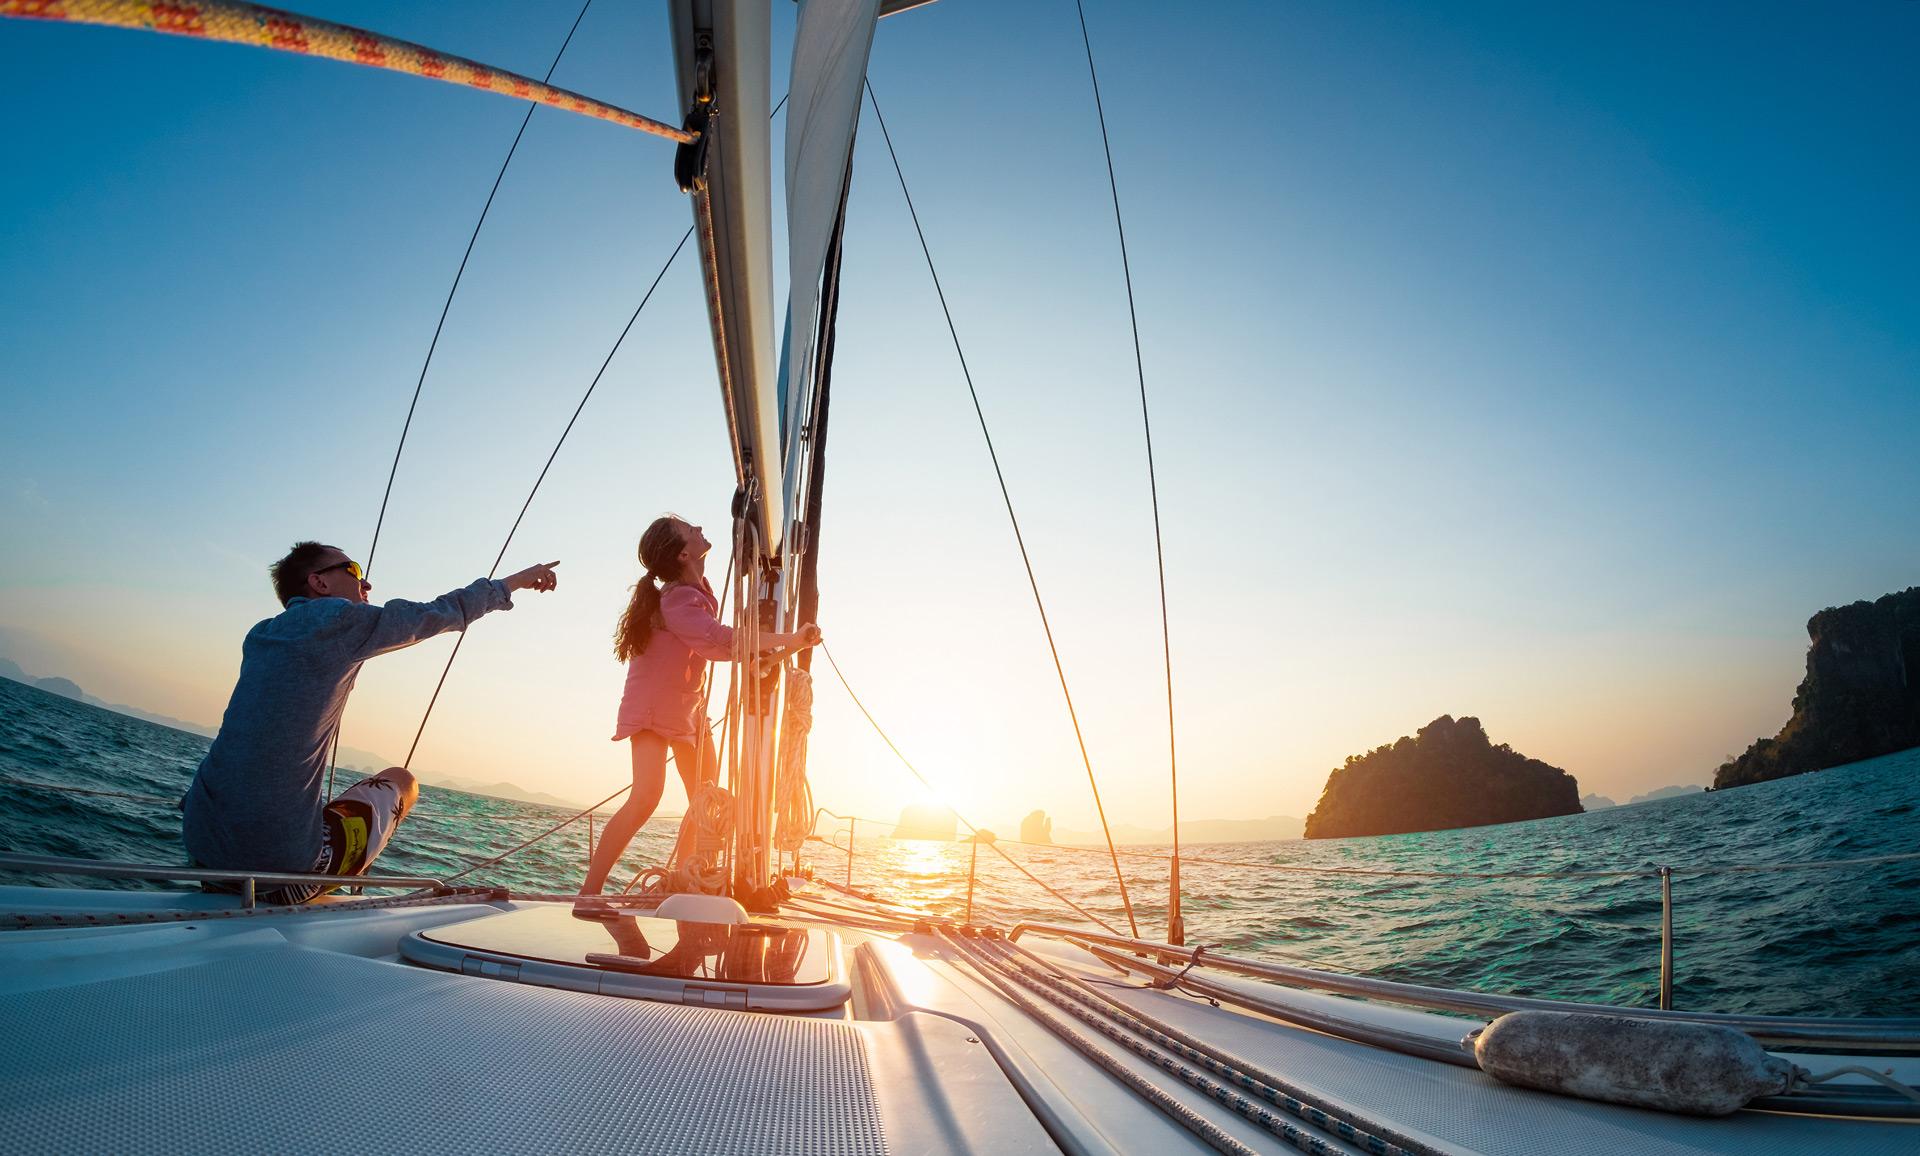 Sonnenuntergang segeln an Bord einer Bavaria Cruiser Segelyacht